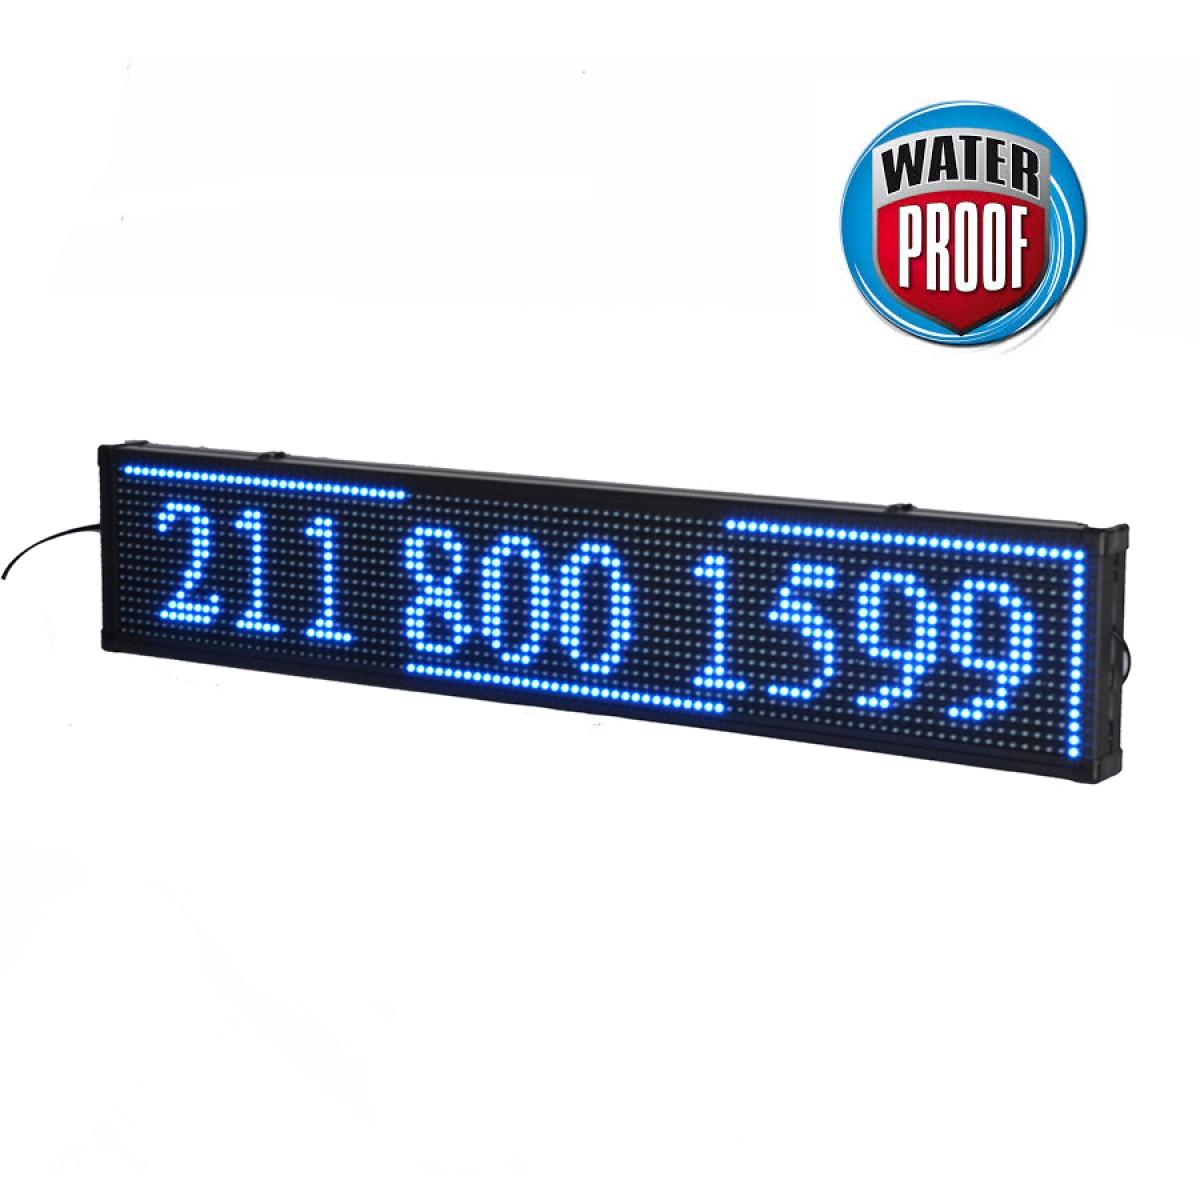 Πινακίδα LED ΑΔΙΑΒΡΟΧΗ κυλιόμενων μηνυμάτων 100x20 cm μπλέ